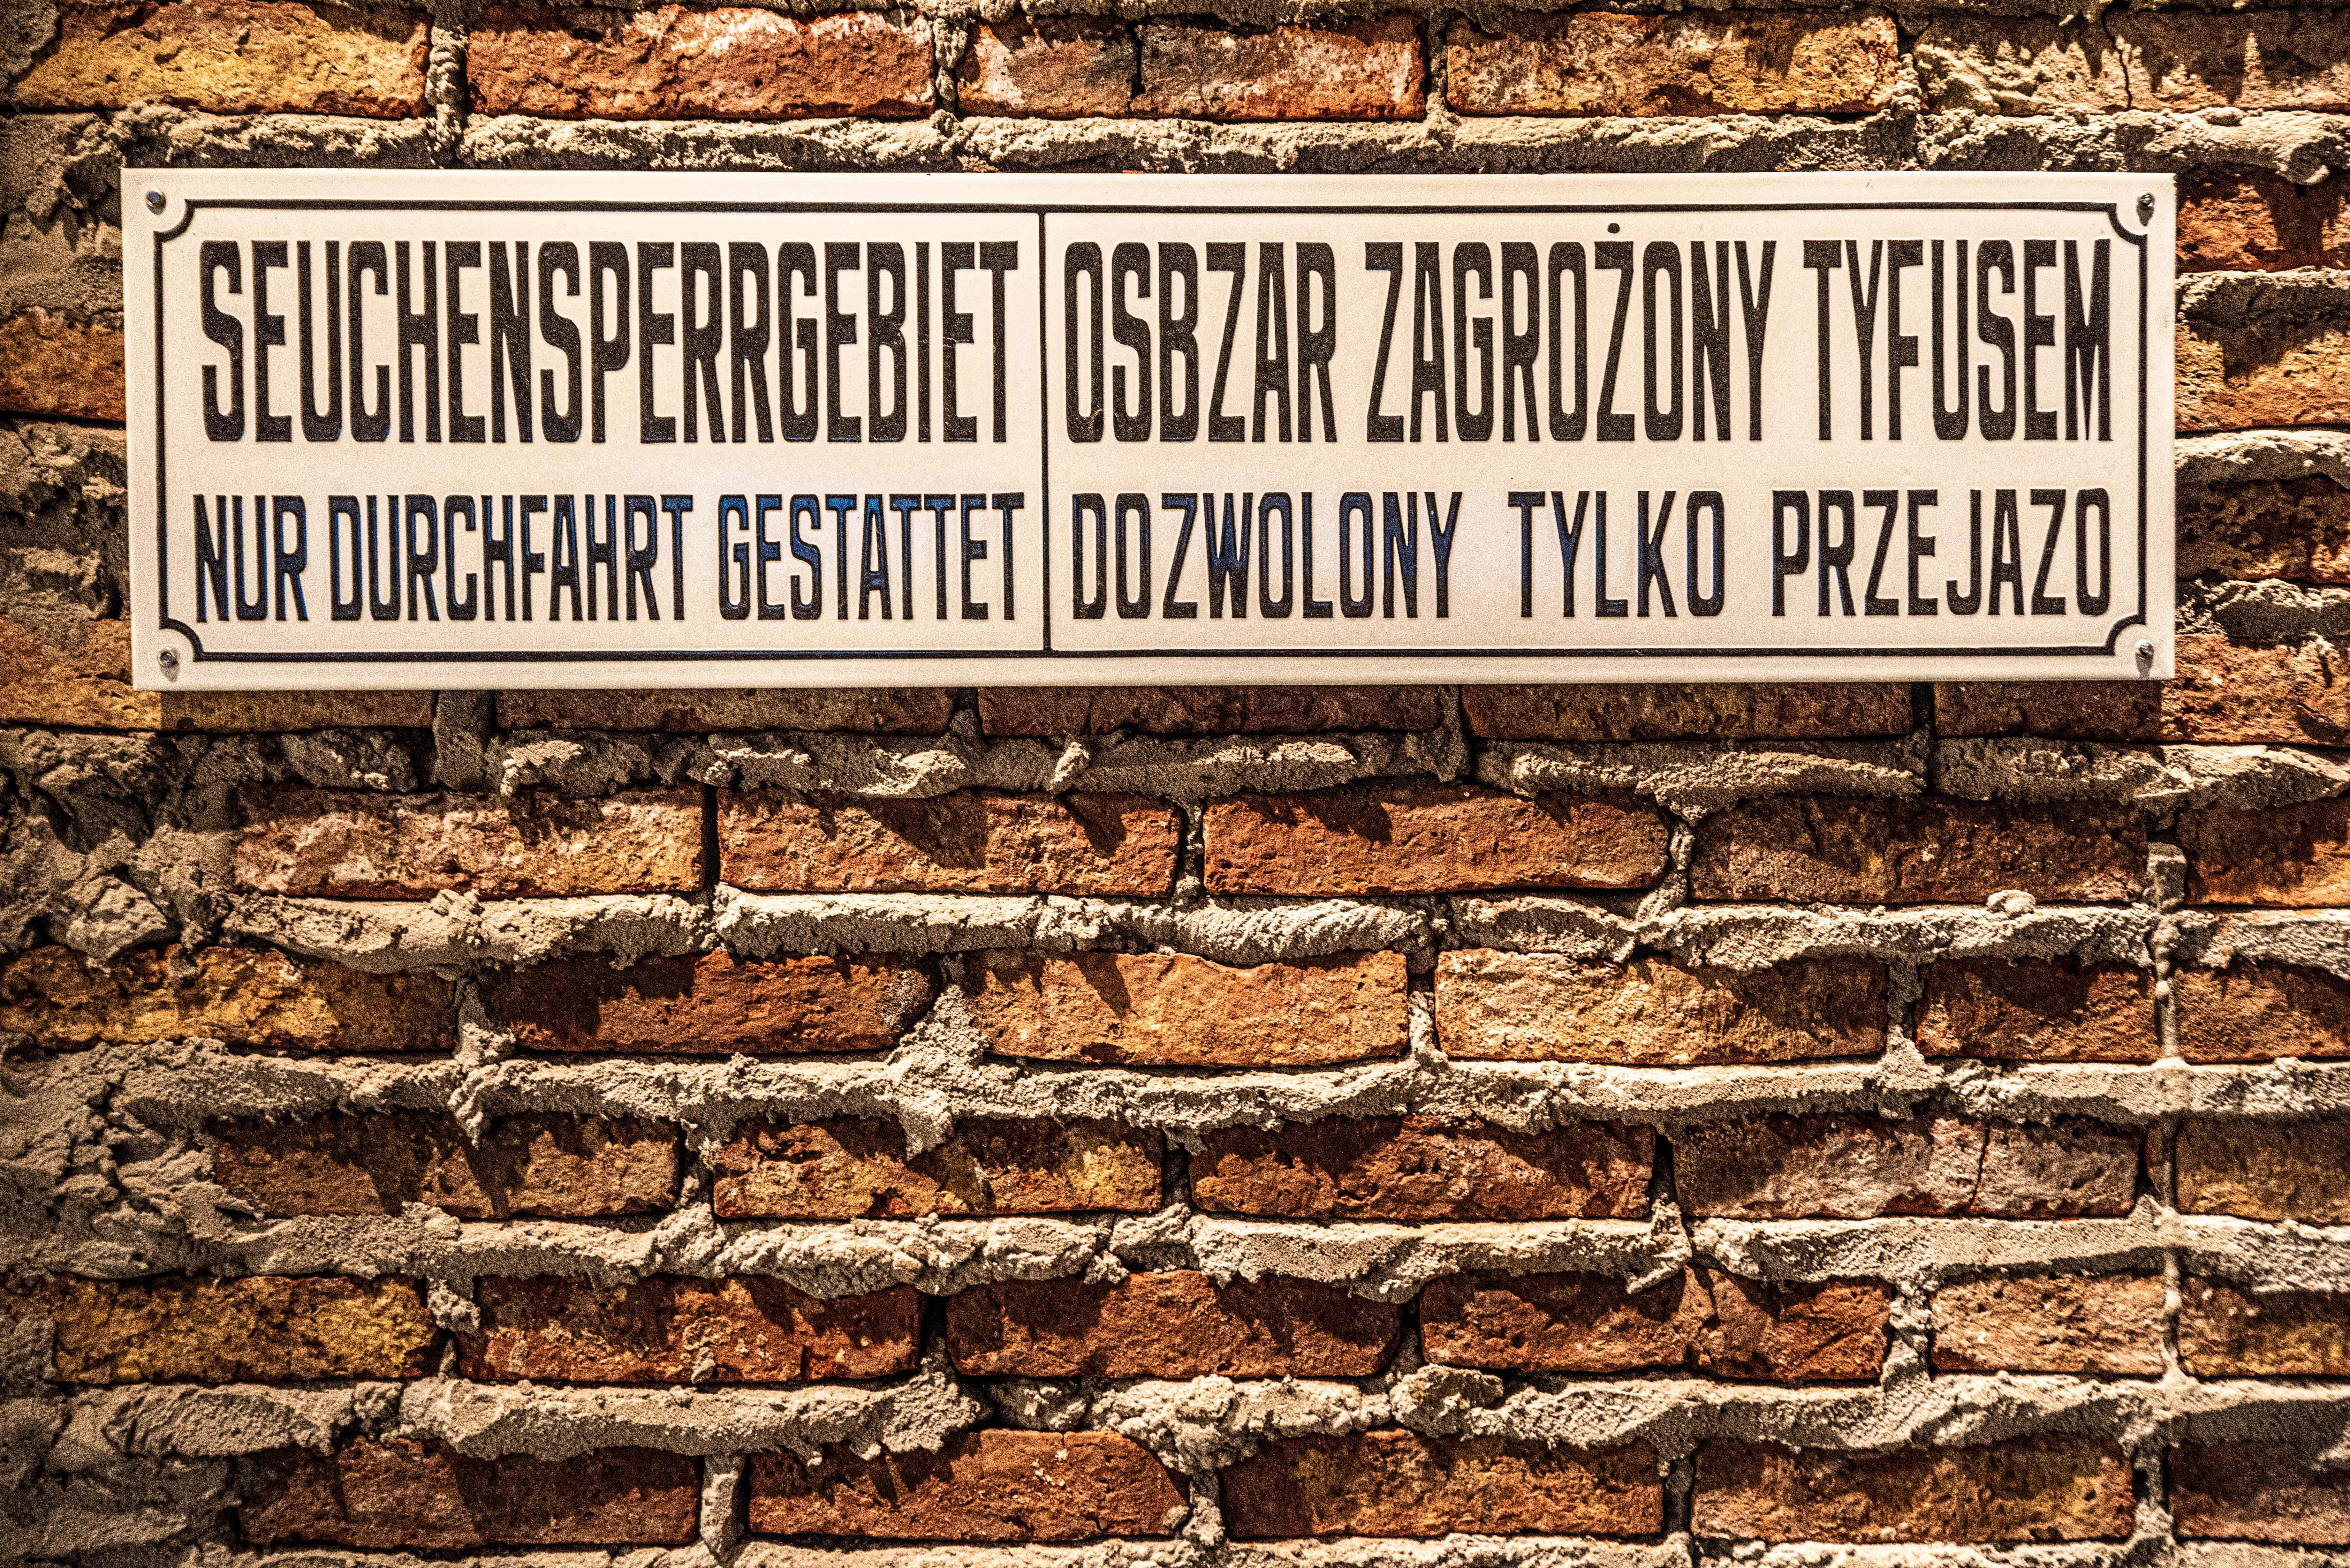 Se montó un punto vivencial en la exposición: entrar al Gueto de Varsovia -el más grande, cruel y mortal durante la Segunda Guerra Mundial, activo entre 1940 y 1943-. La propuesta es sentir la experiencia sensorial con filmaciones hechas por los propios nazis en un espacio de 180 grados. Antes, un cartel escrito en alemán advierte acerca del riesgo de contagio que representaban los judíos que estaban del otro lado del muro